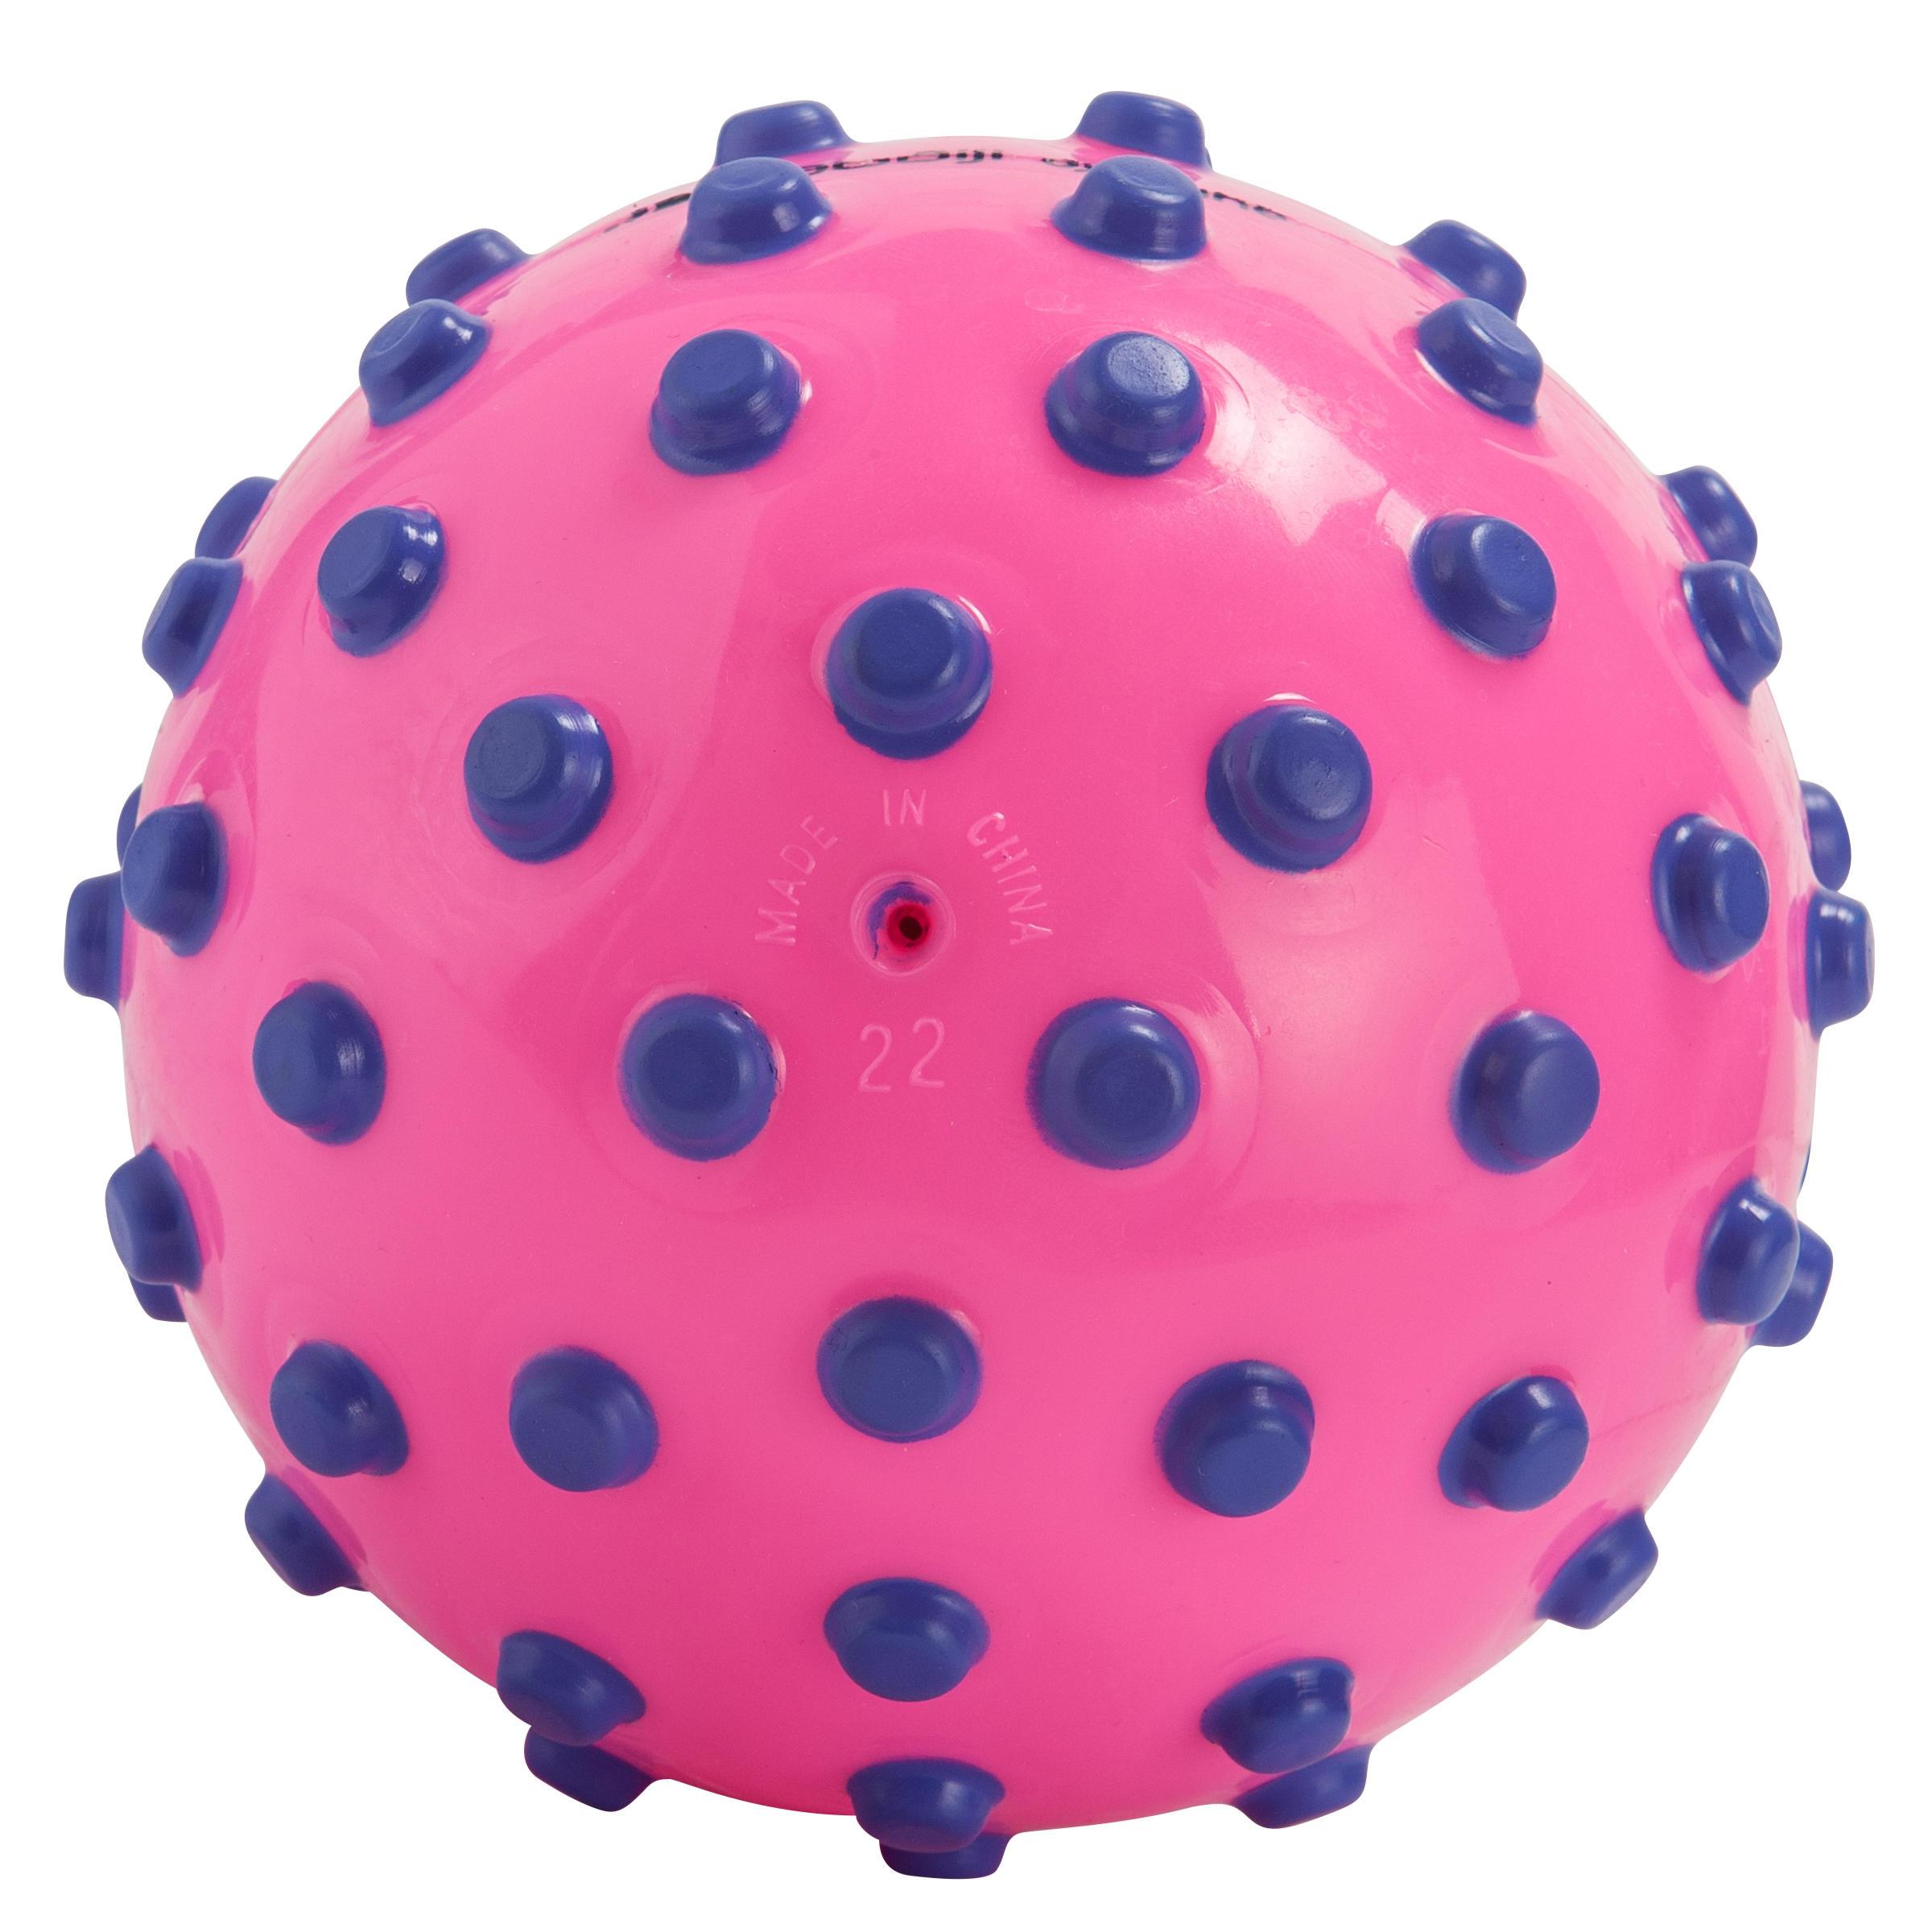 Pelota rosa con picos de color morado de espuma. Aprox. 15 cm de diámetro.